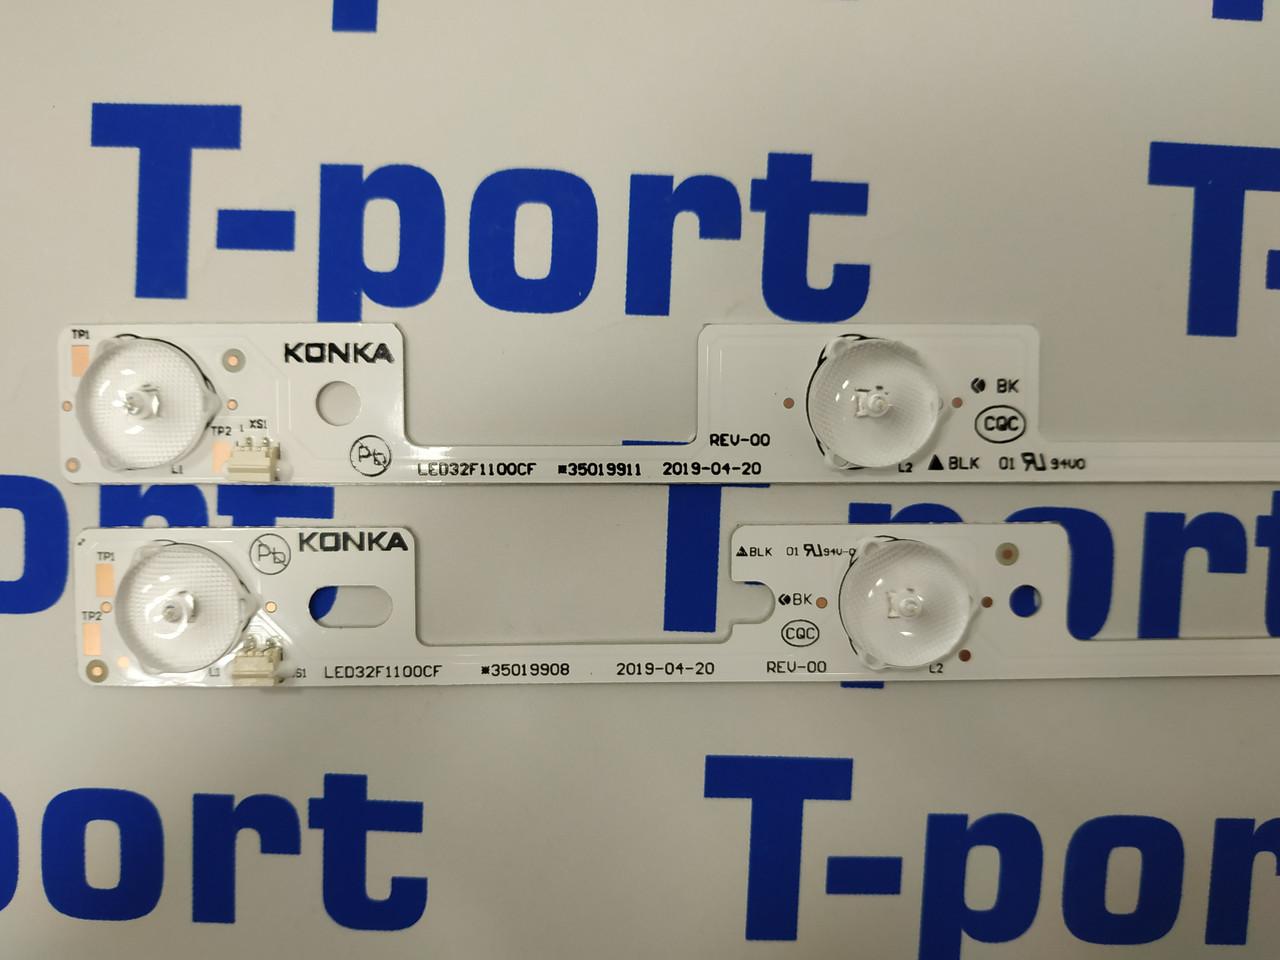 Светодиодная подсветка LED Konka LED32F1100CF